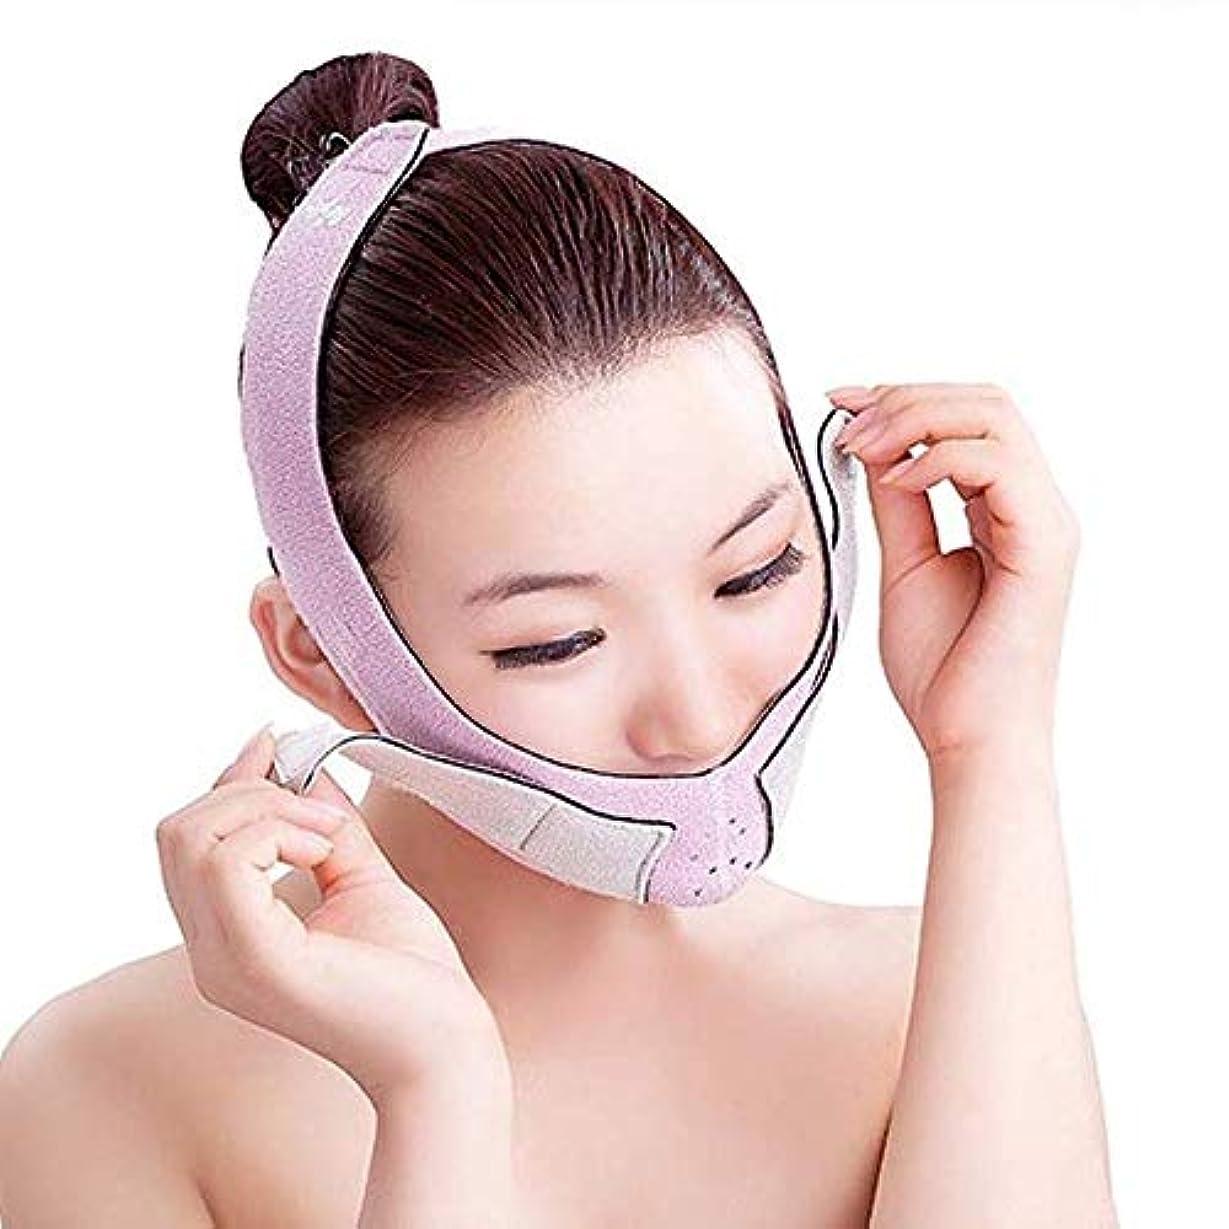 においトラフィックマキシムHEMFV フェイススリミングマスク、3Dフェイスリフトスリミングフェイシャルマスク、皮膚のたるみを排除 - アンチエイジング痛み無料ウェイVフェイスラインベルトチンチークスリムリフト